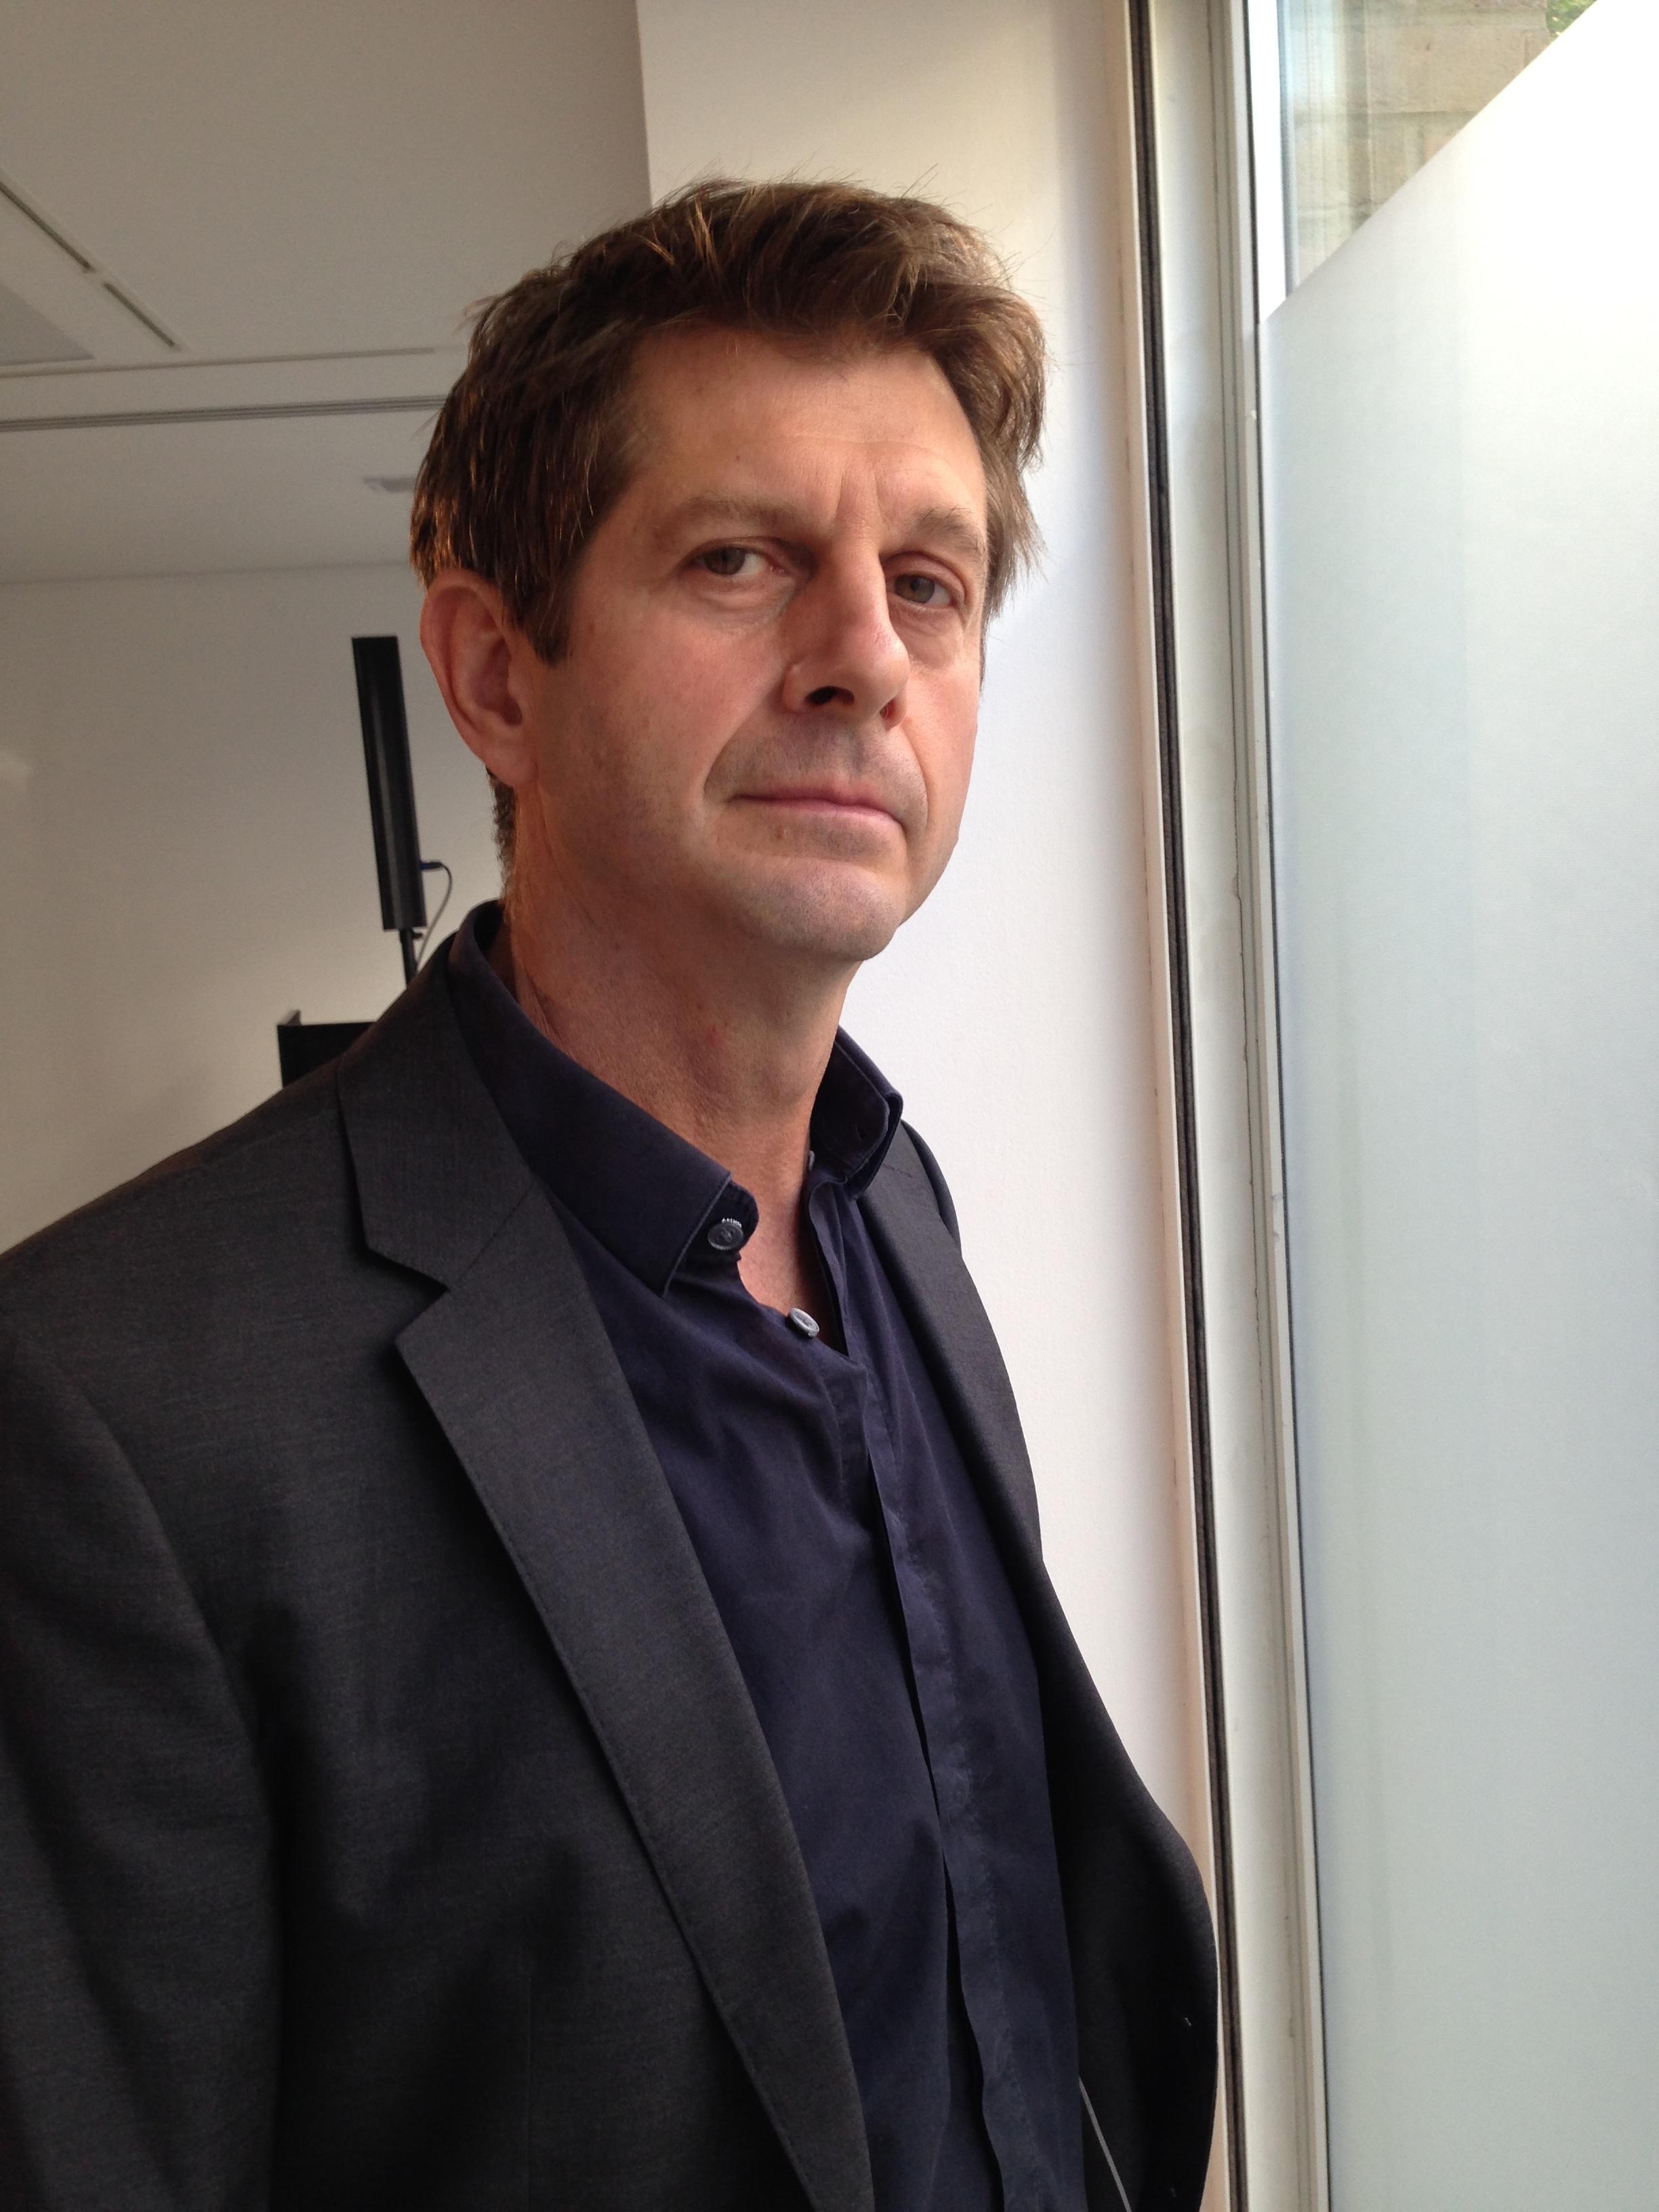 Christopher Roche. Photo by Jenny Taylor Media.